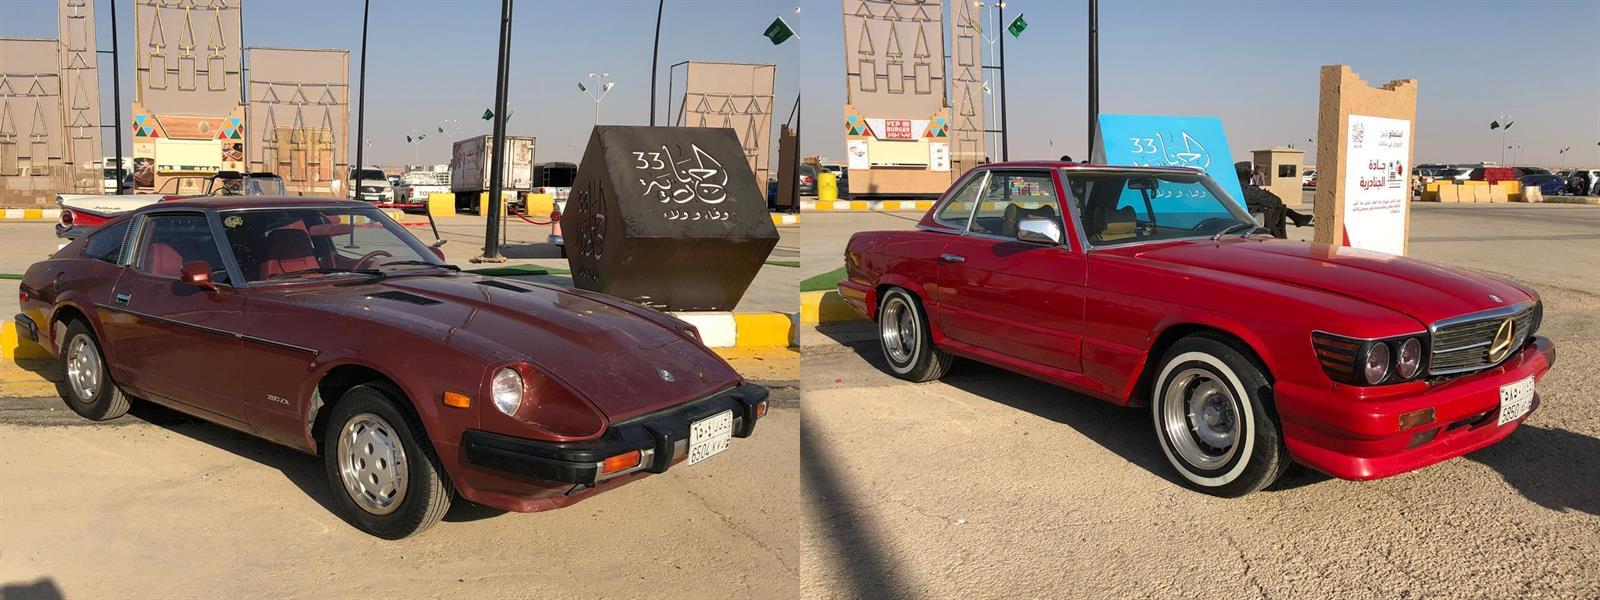 """بالصور.. سيارات كلاسيكية يعود عمر بعضها لقرابة قرن من الزمان في """"الجنادرية"""""""